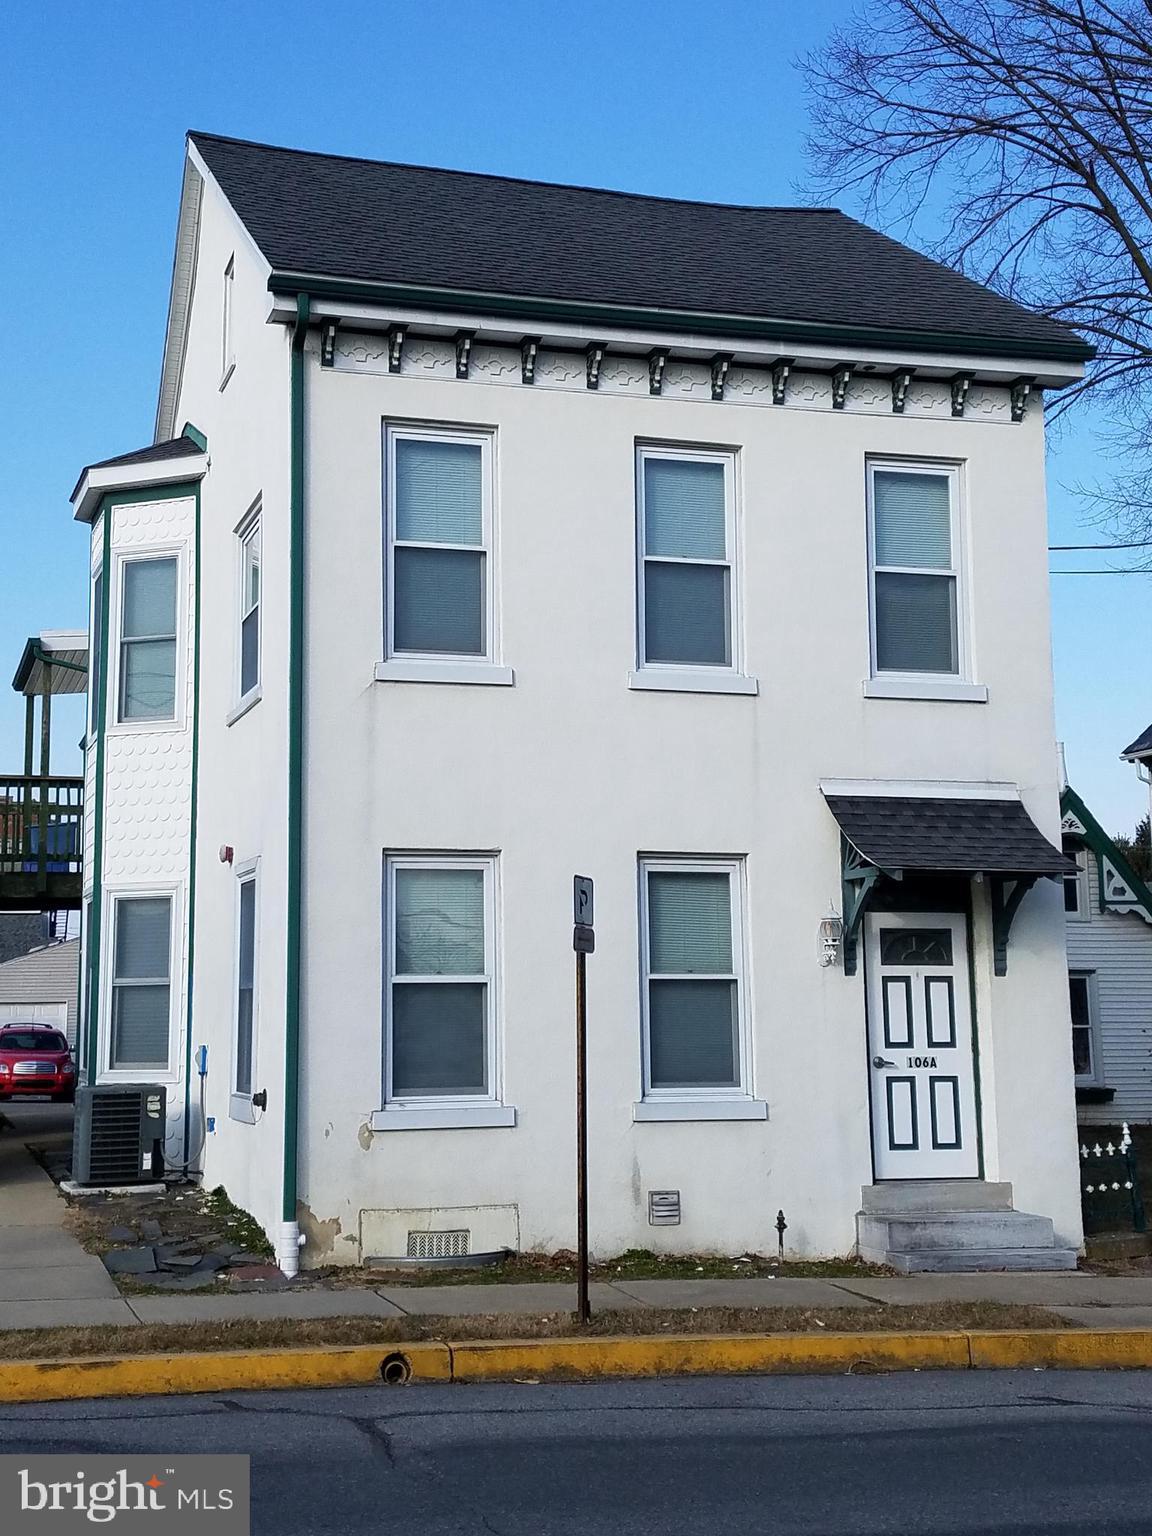 106 N MAIN STREET, TOPTON, PA 19562